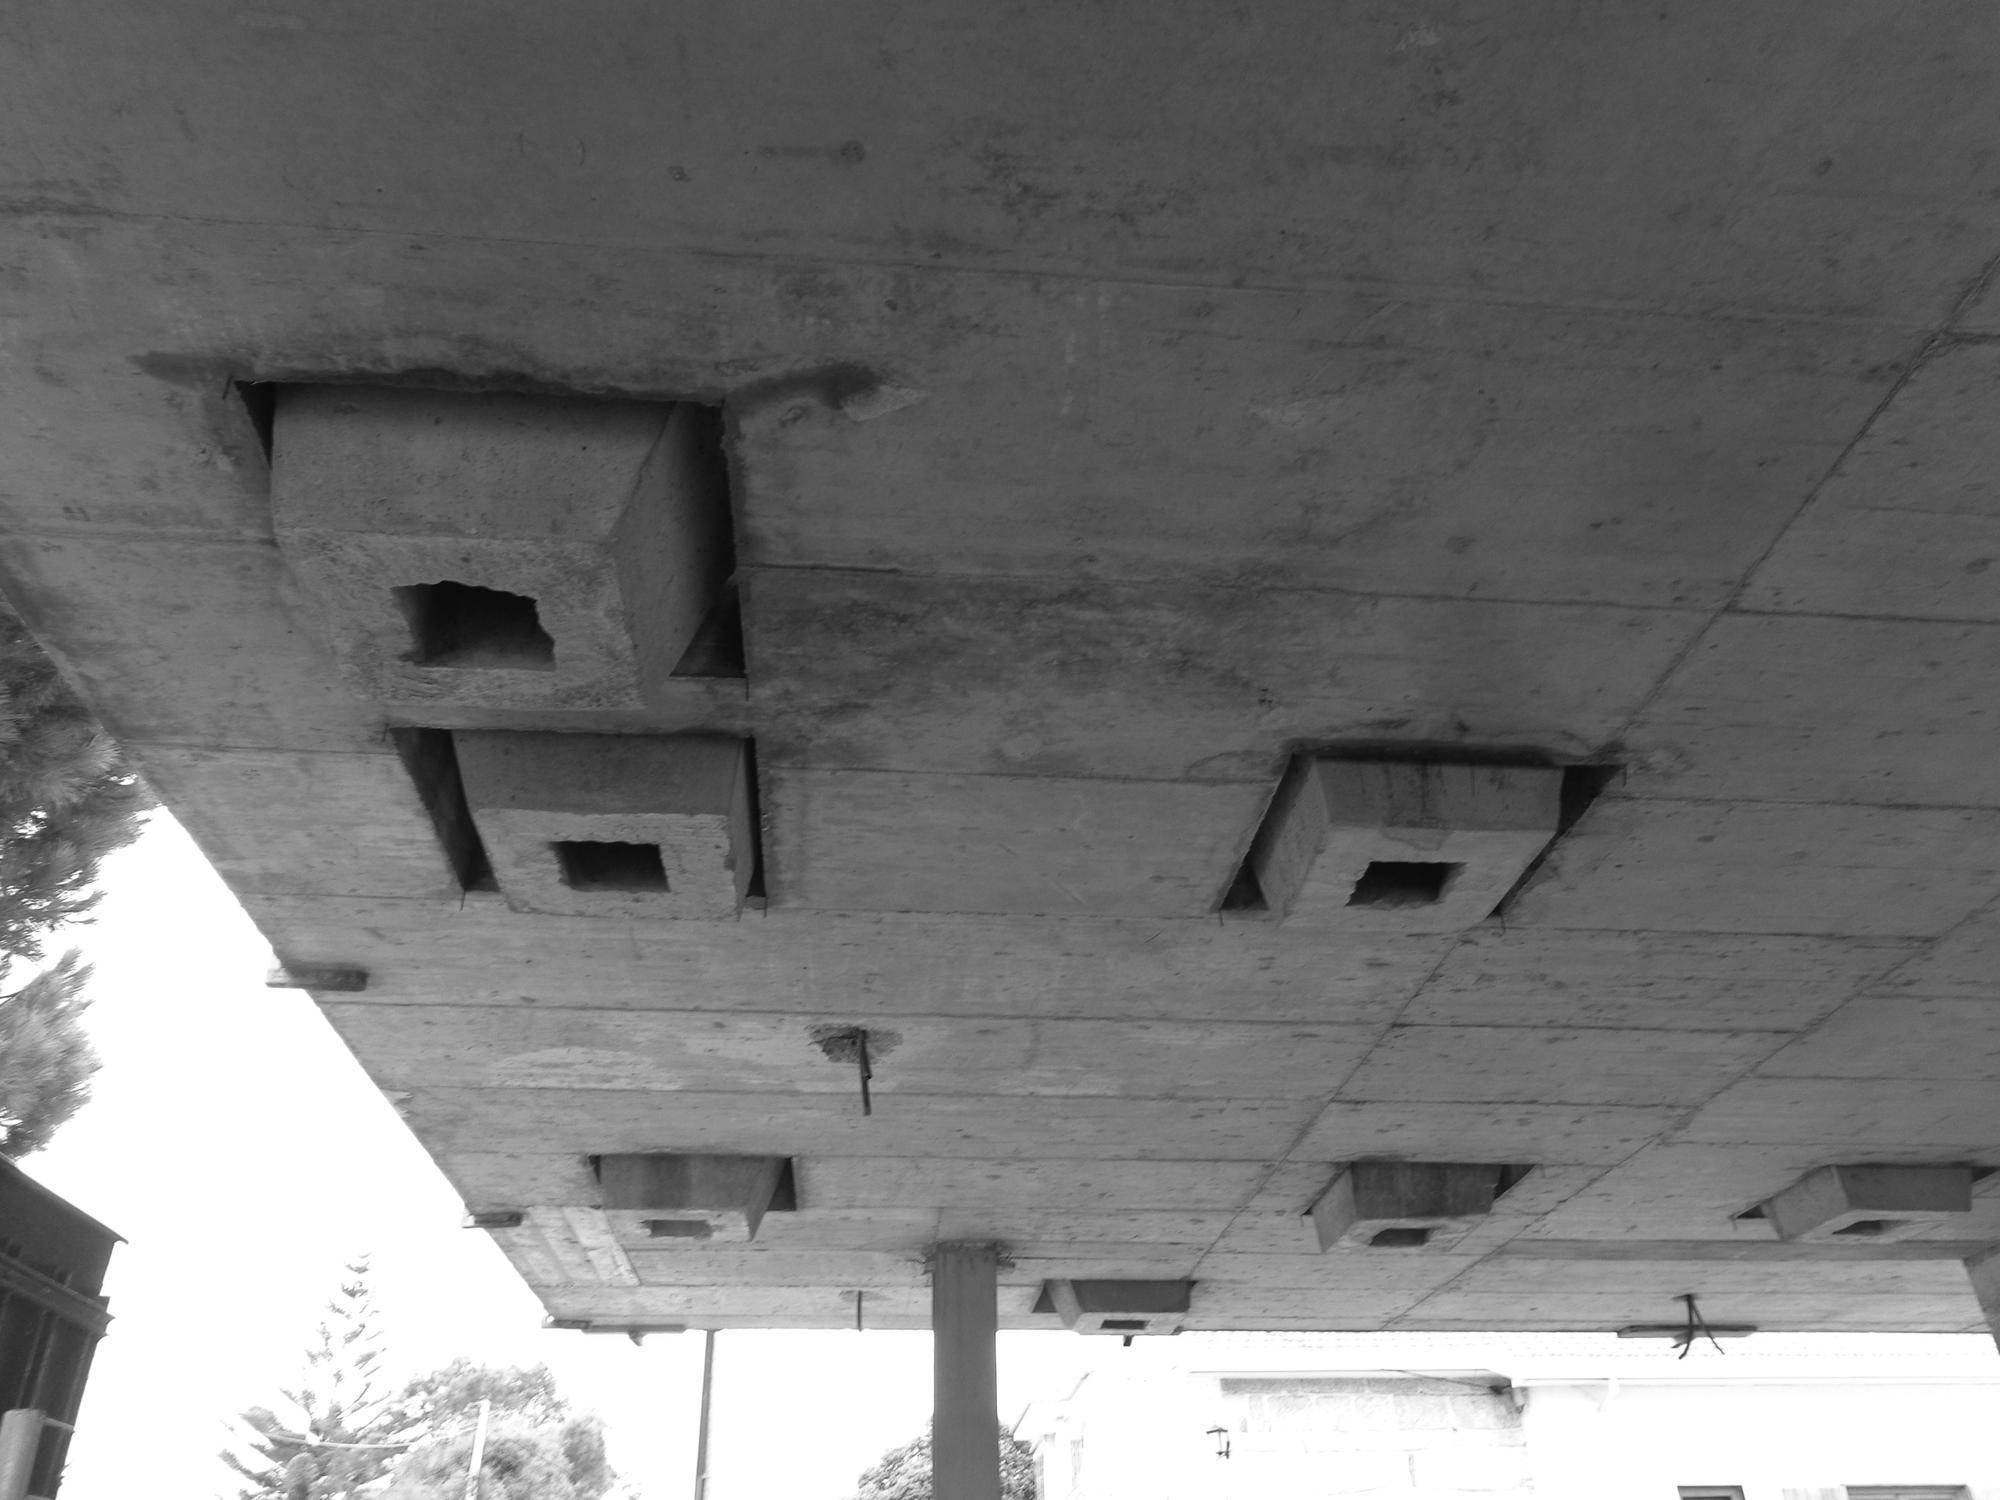 Moradia Alfazema - EVA evolutionary architecture - vila nova de gaia - arquitecto - porto (11).jpg